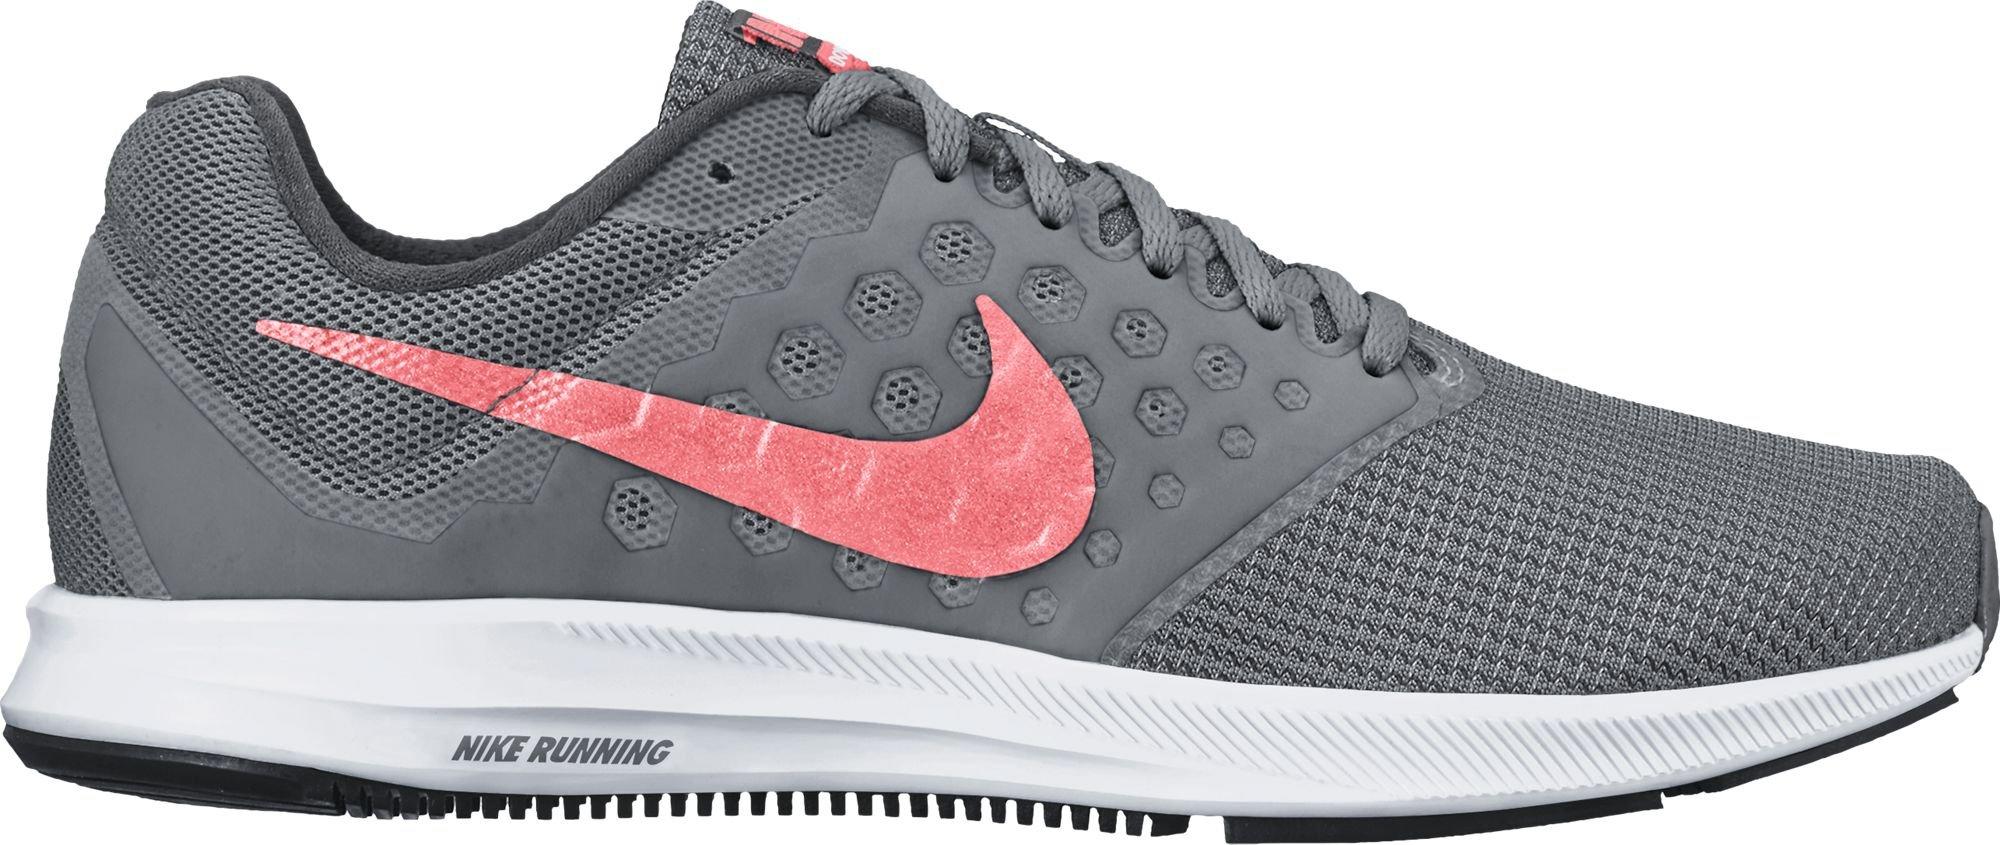 ff838b2ea242a Galleon - Nike Women s Downshifter 7 Running Shoe